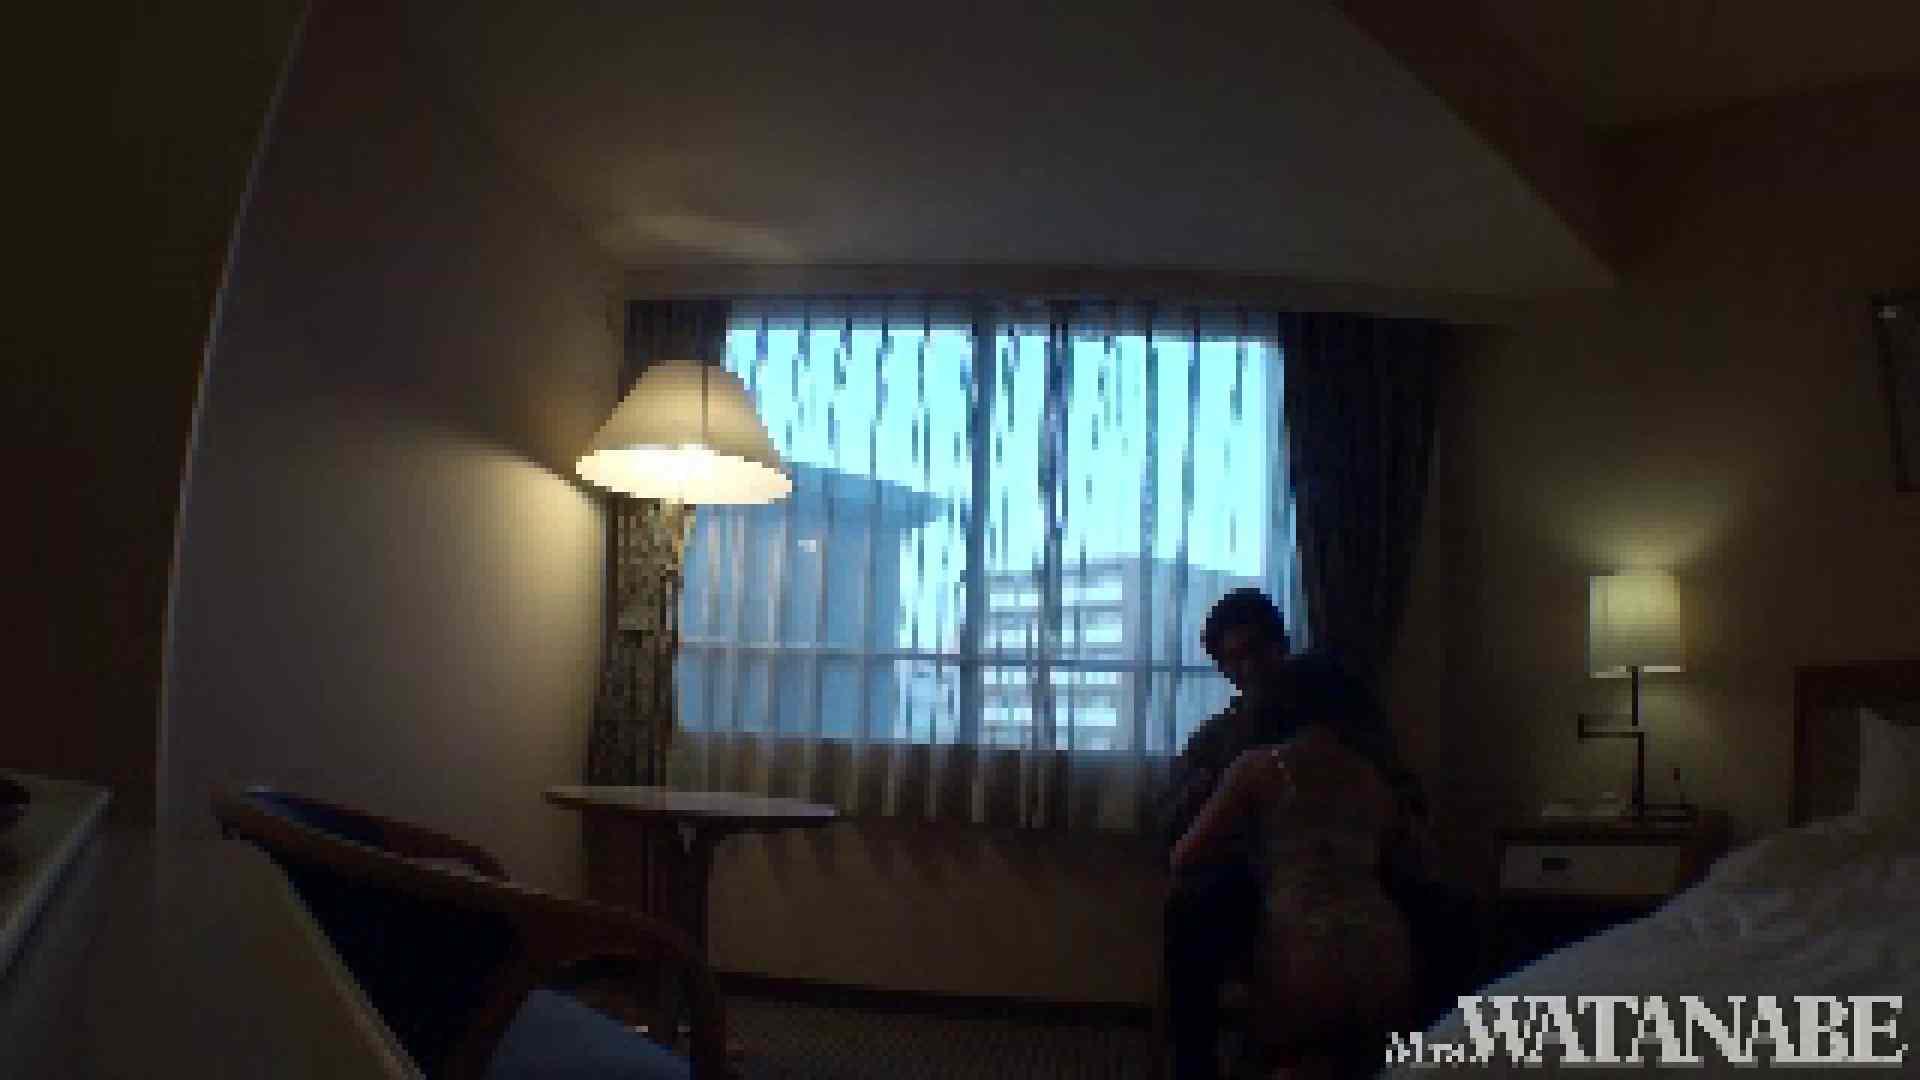 撮影スタッフを誘惑する痴熟女 かおり40歳 Vol.03 OLのエロ生活   熟女のエロ生活  74連発 9